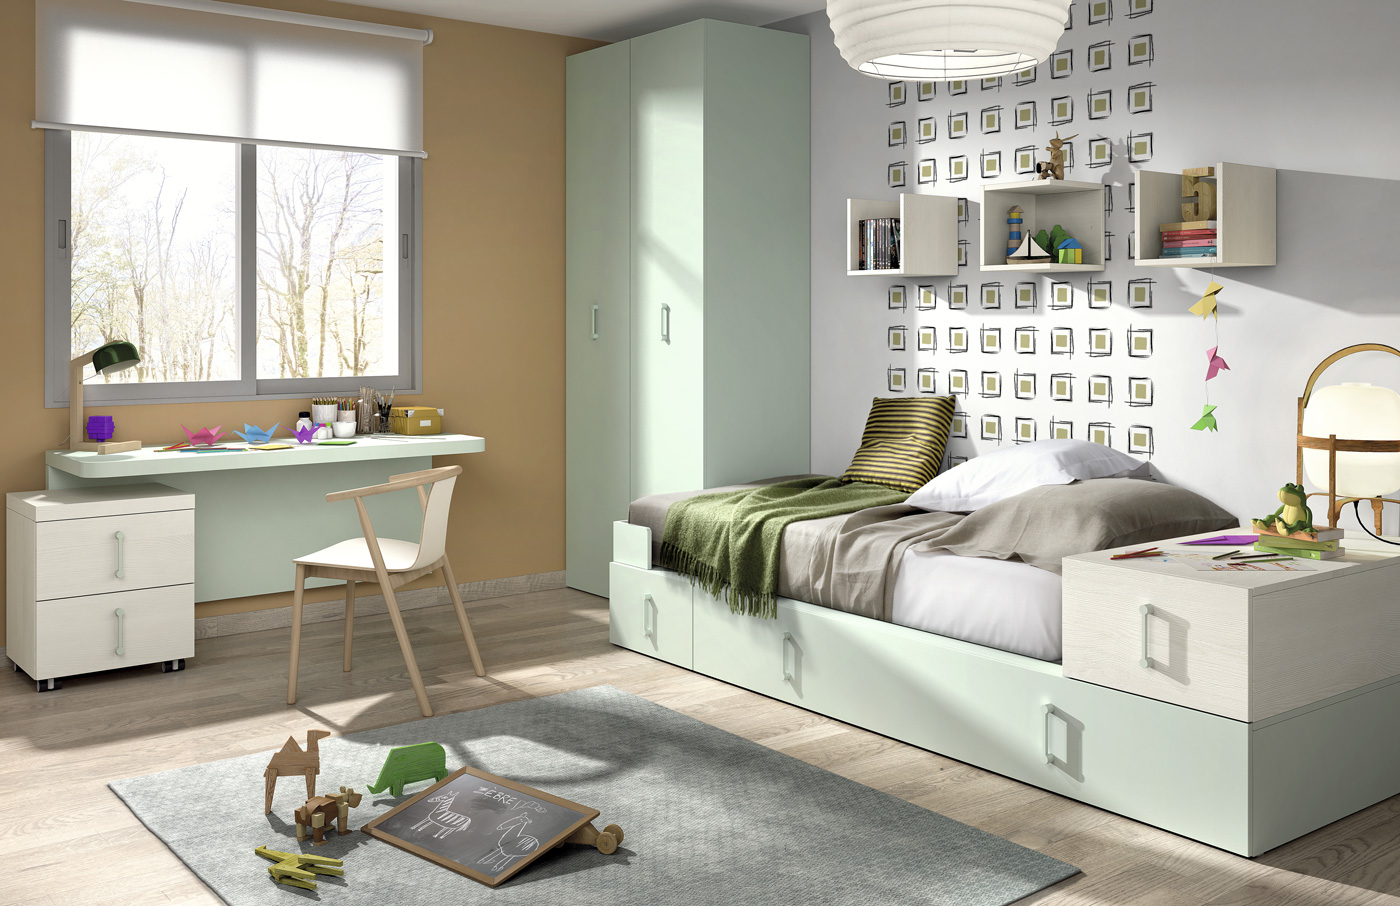 Dormitorio Juvenil Cant Brico Muebles D Azmuebles D Az # Muebles Nervion